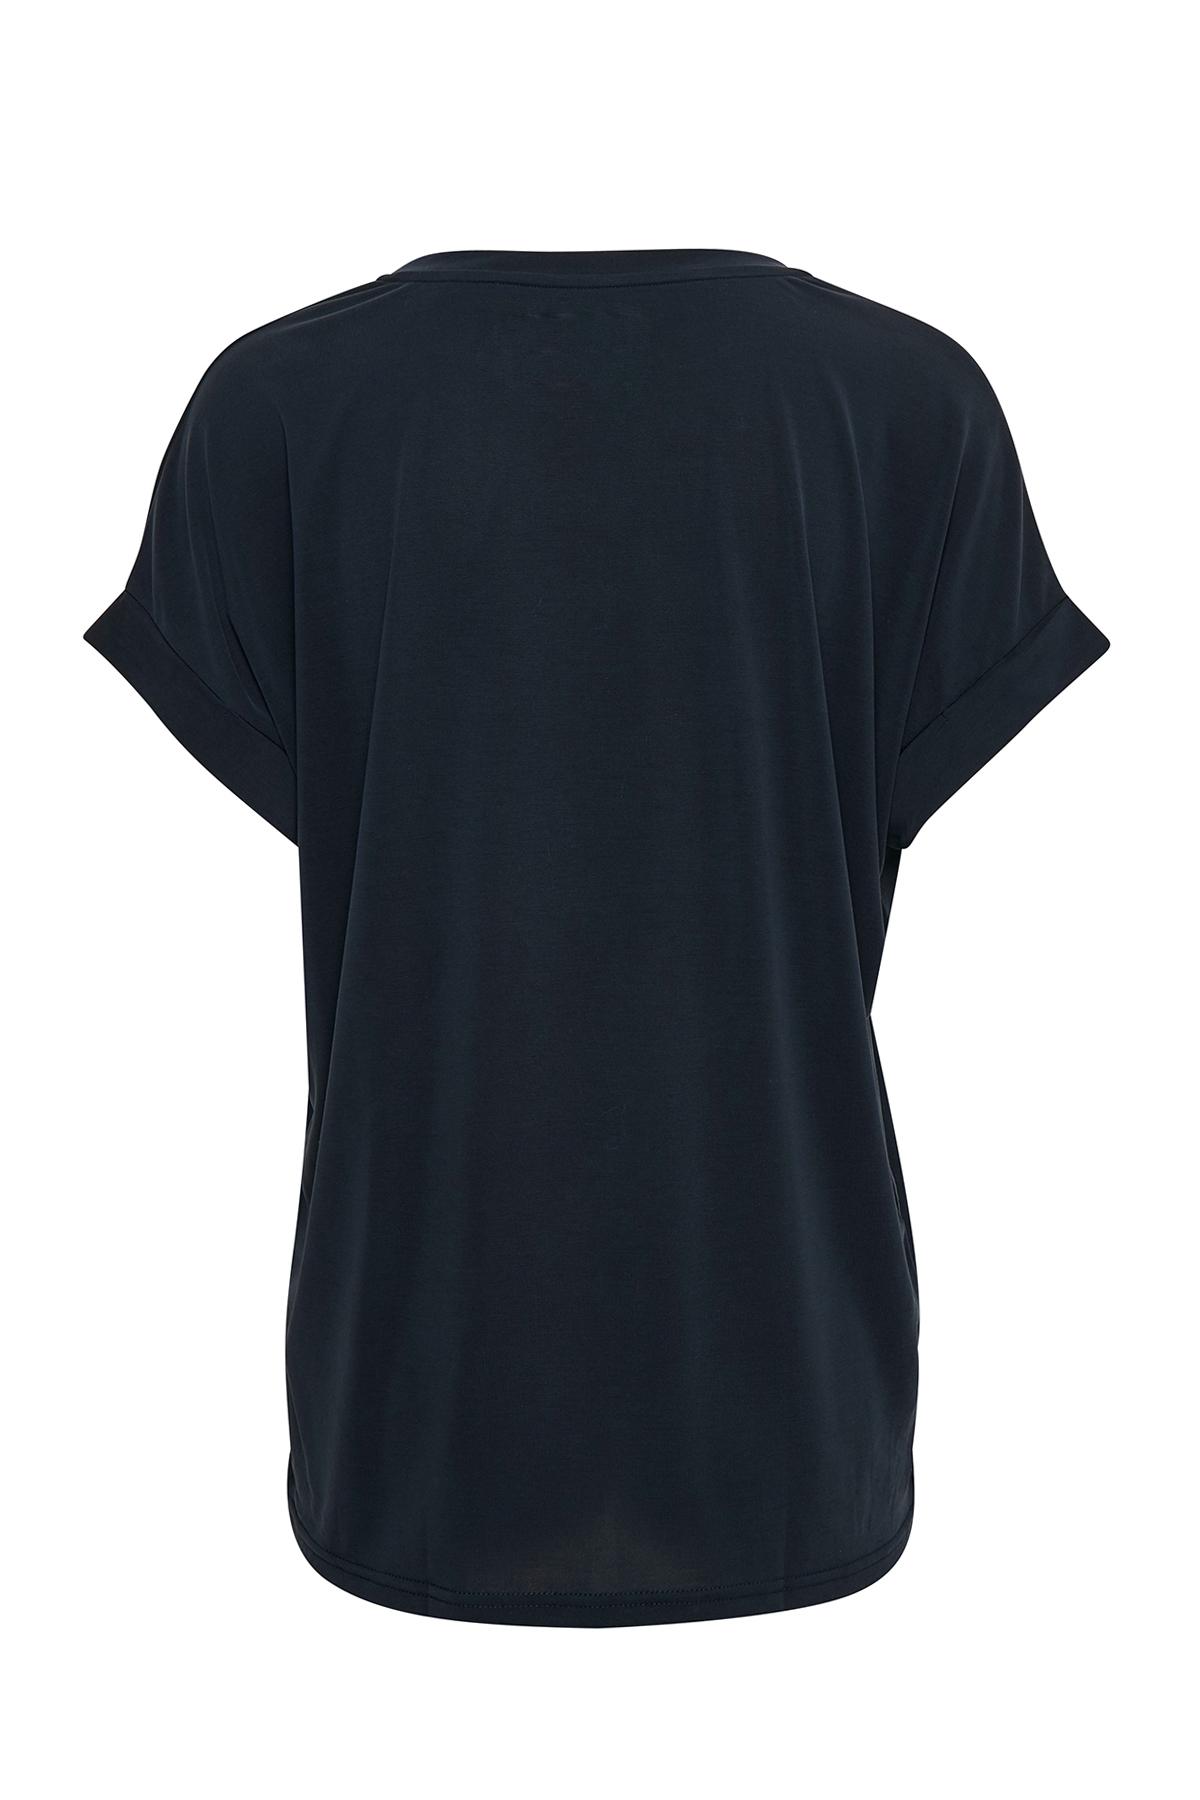 Marinblå Kortärmad T-shirt från Culture – Köp Marinblå Kortärmad T-shirt från stl. XS-XXL här